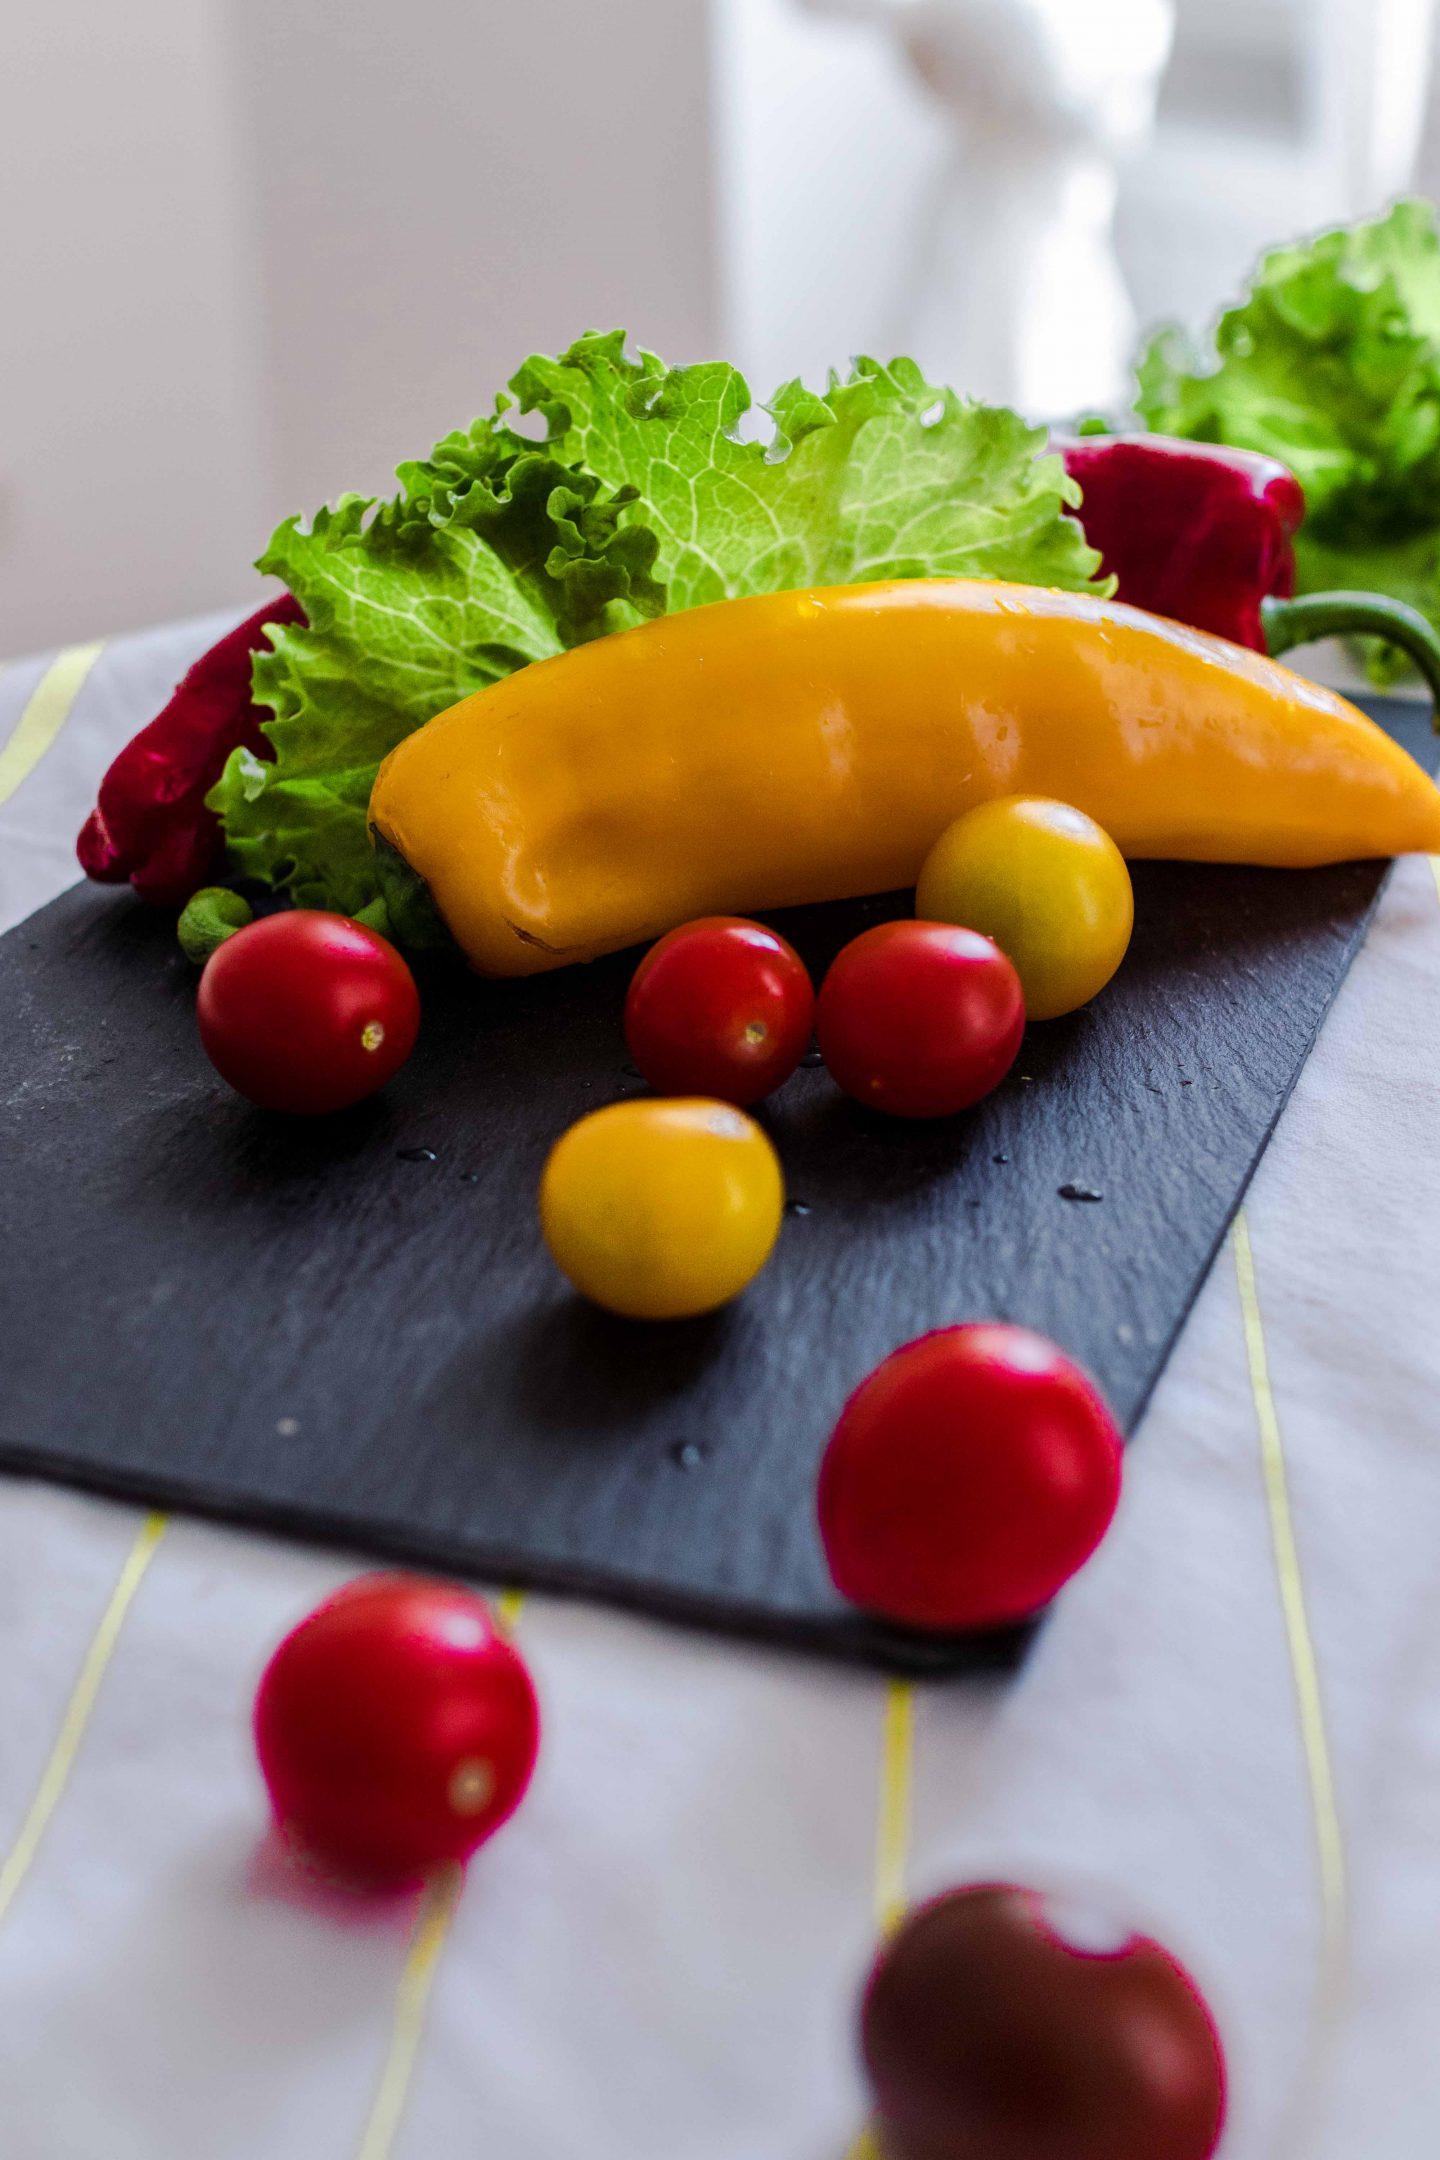 Schneller proteinreicher Salat